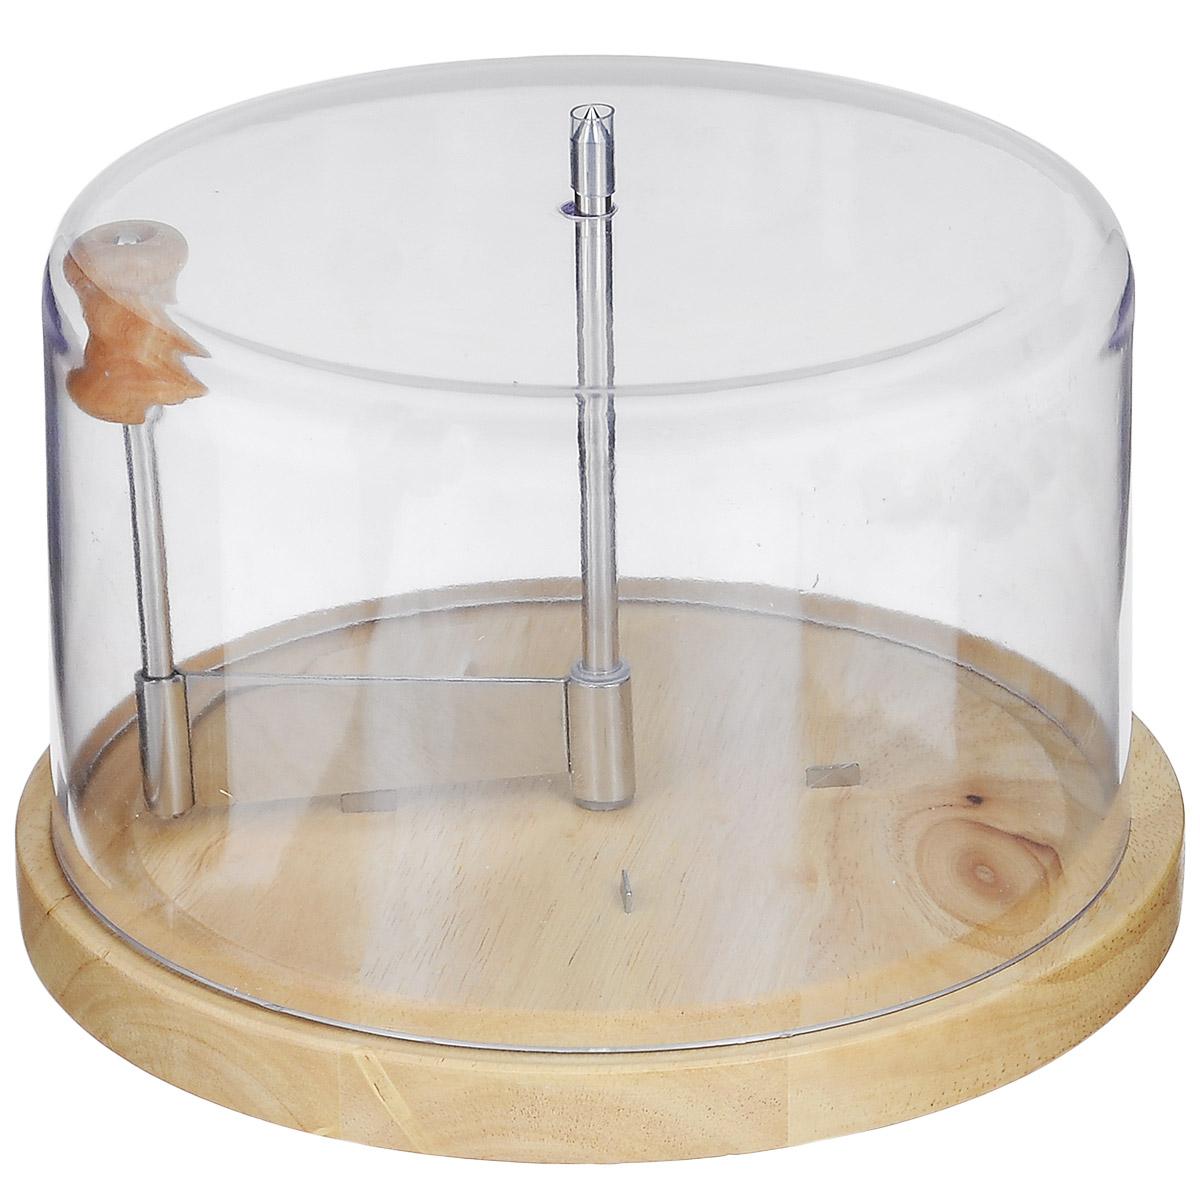 Набор для резки сыра Iris Barcelona, 3 предмета3358-IНабор для резки сыра Iris Barcelona состоит из круглой деревянной доски, прозрачной пластиковой крышки и ножа. Специально предназначен для нарезки круглых головок сыра. Поможет создать великолепную закуску или десерты с профессионально нарезанными сырными или шоколадными ломтиками. Идеально подходит для резки ломтиков из швейцарского сыра Tete de Moine. Такой набор станет изысканным подарком для всех любителей сыра. Диаметр доски: 22 см. Высота крышки: 12 см. Длина лезвия ножа: 7 см.